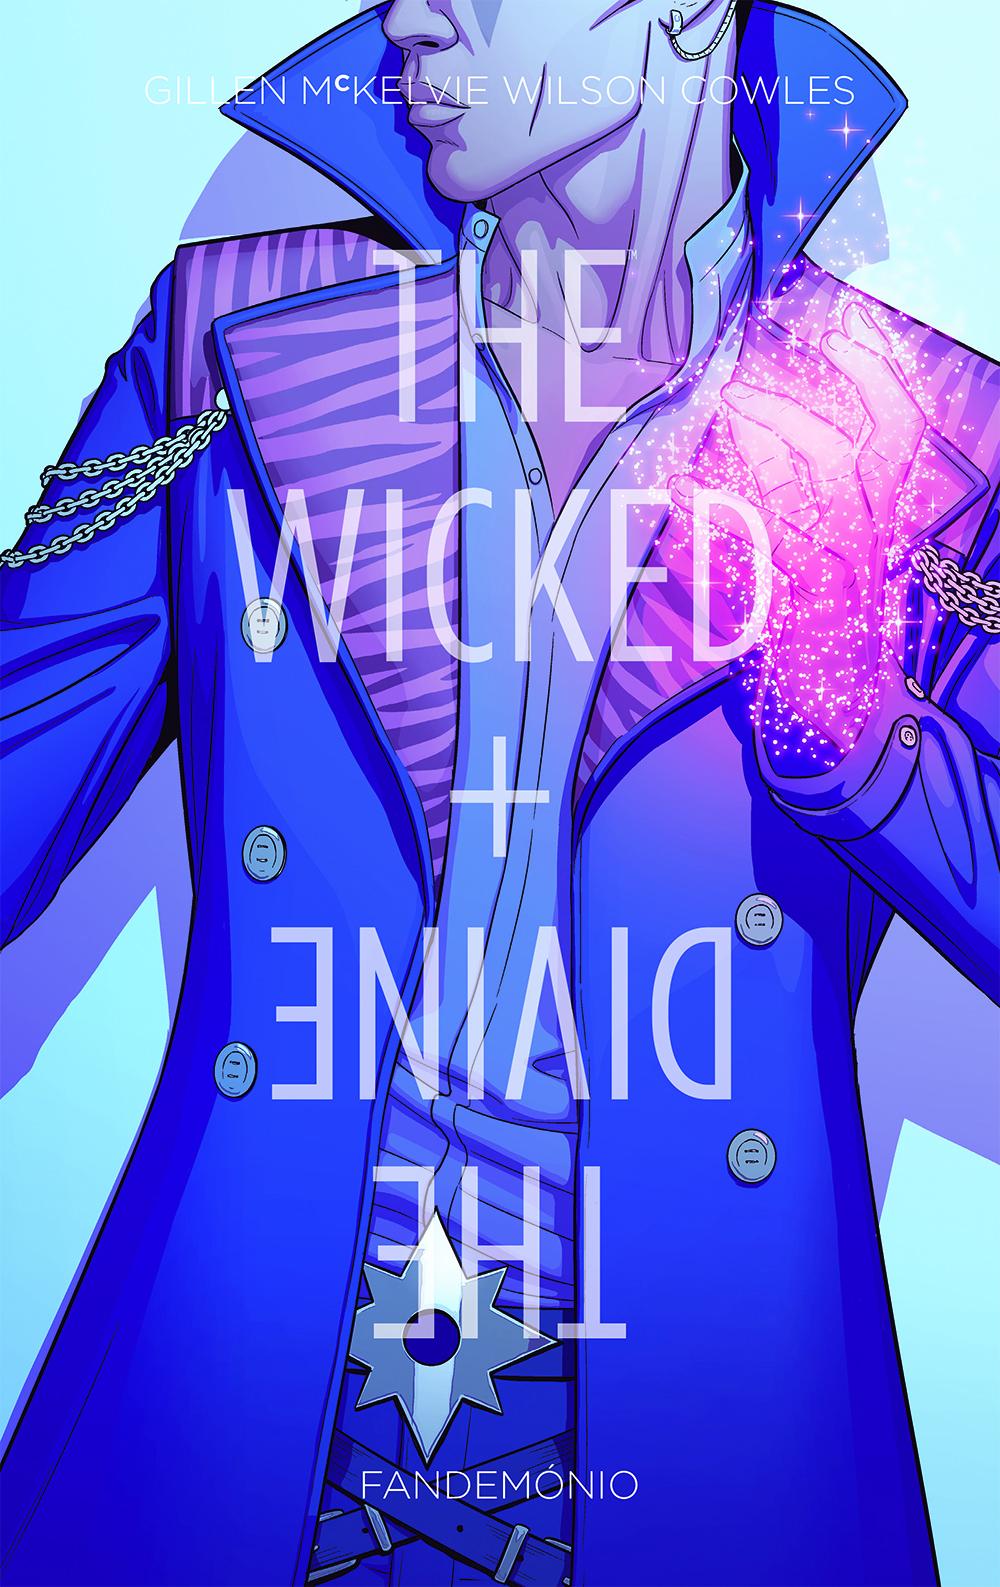 The Wicked + The Divine vol. 2: Fandemónio